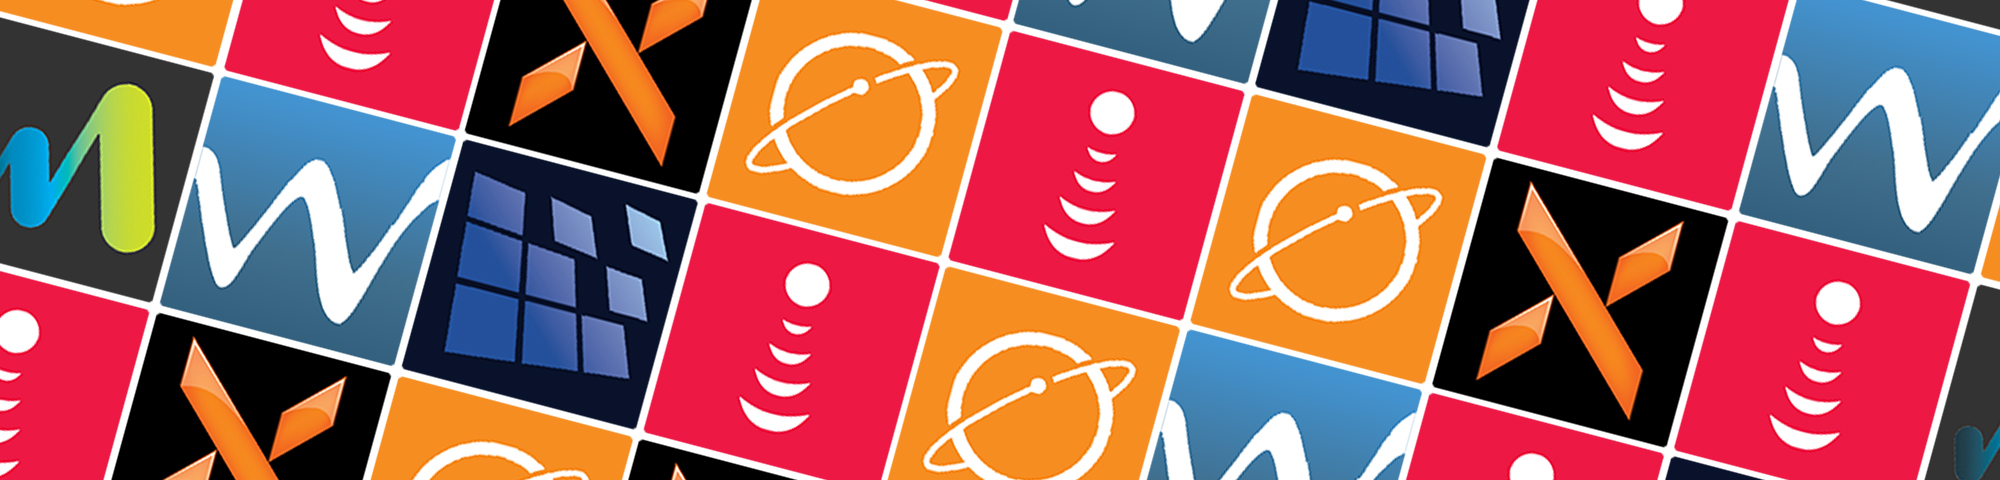 Best Satellite Internet Rural High Speed Internet Providers Top Ten Reviews